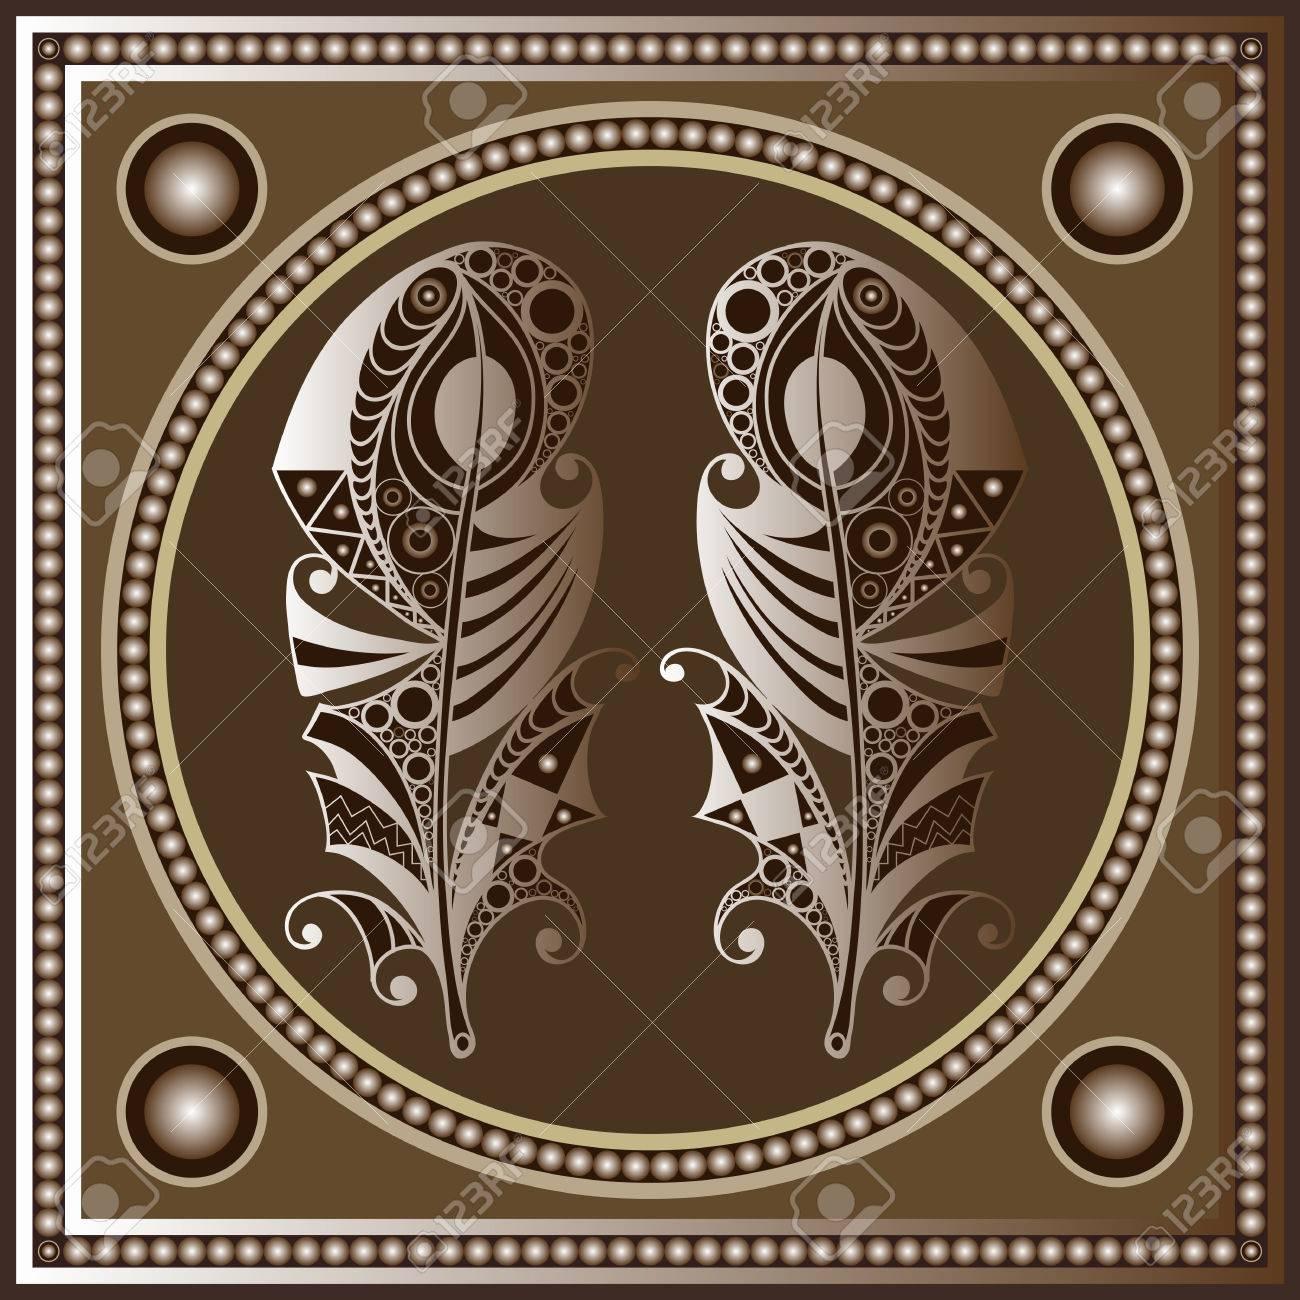 Maya Art Boho Pattern With Feathers Ethnic Geometric Print 1300x1300